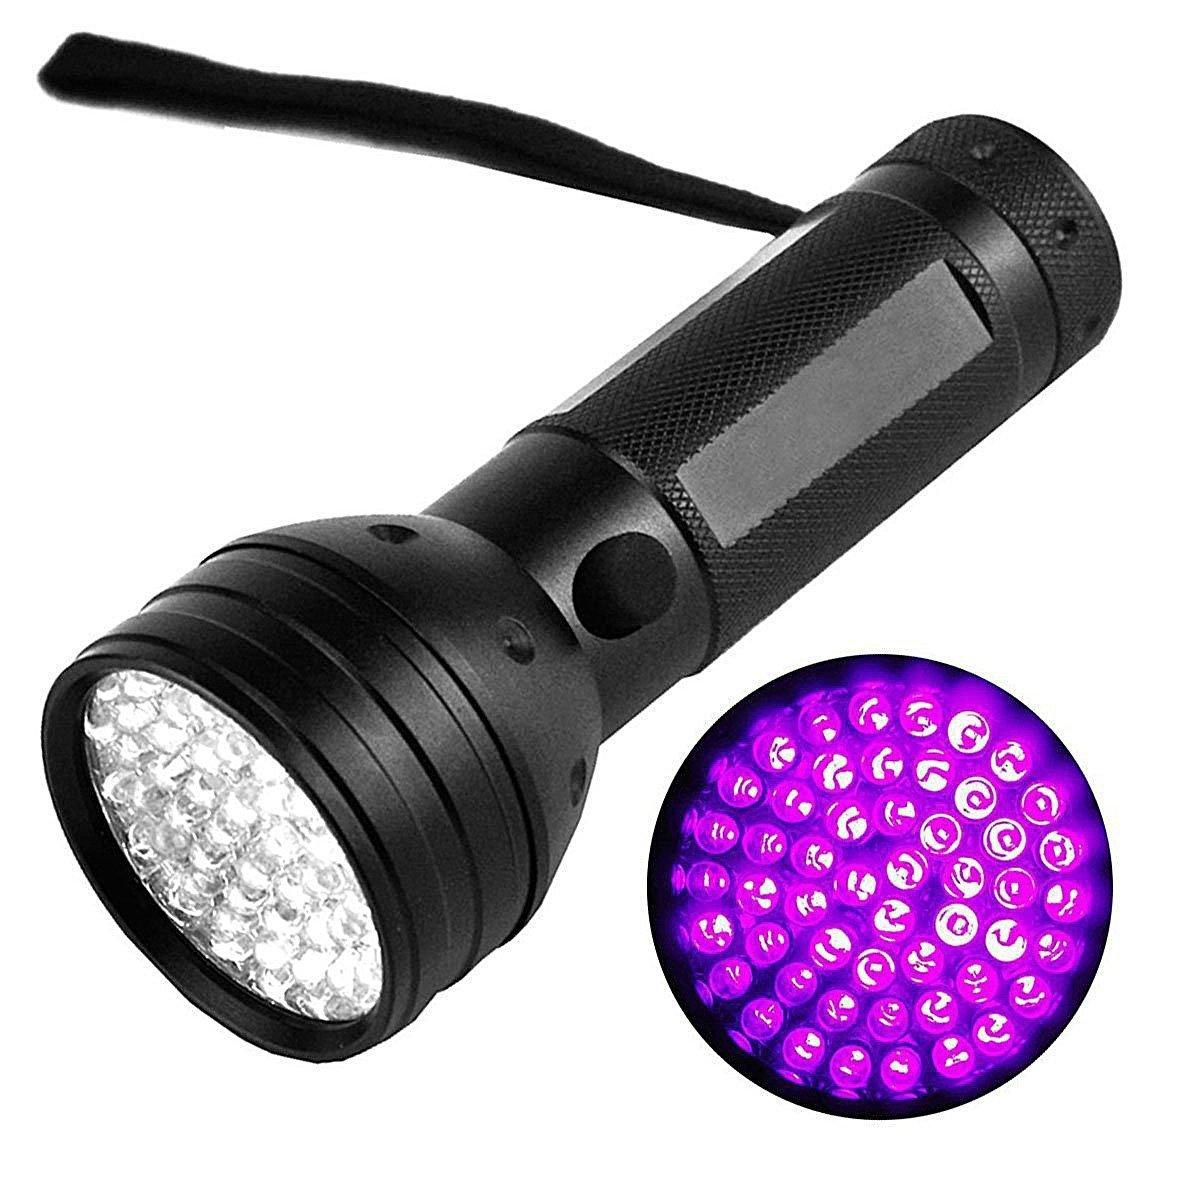 UV Flashlight Black Light LED Handheld Blacklight for Pet Urine Detection and Bed Bug Detector, Scorpion Hunting Light, 51 LED Ultraviolet Detector